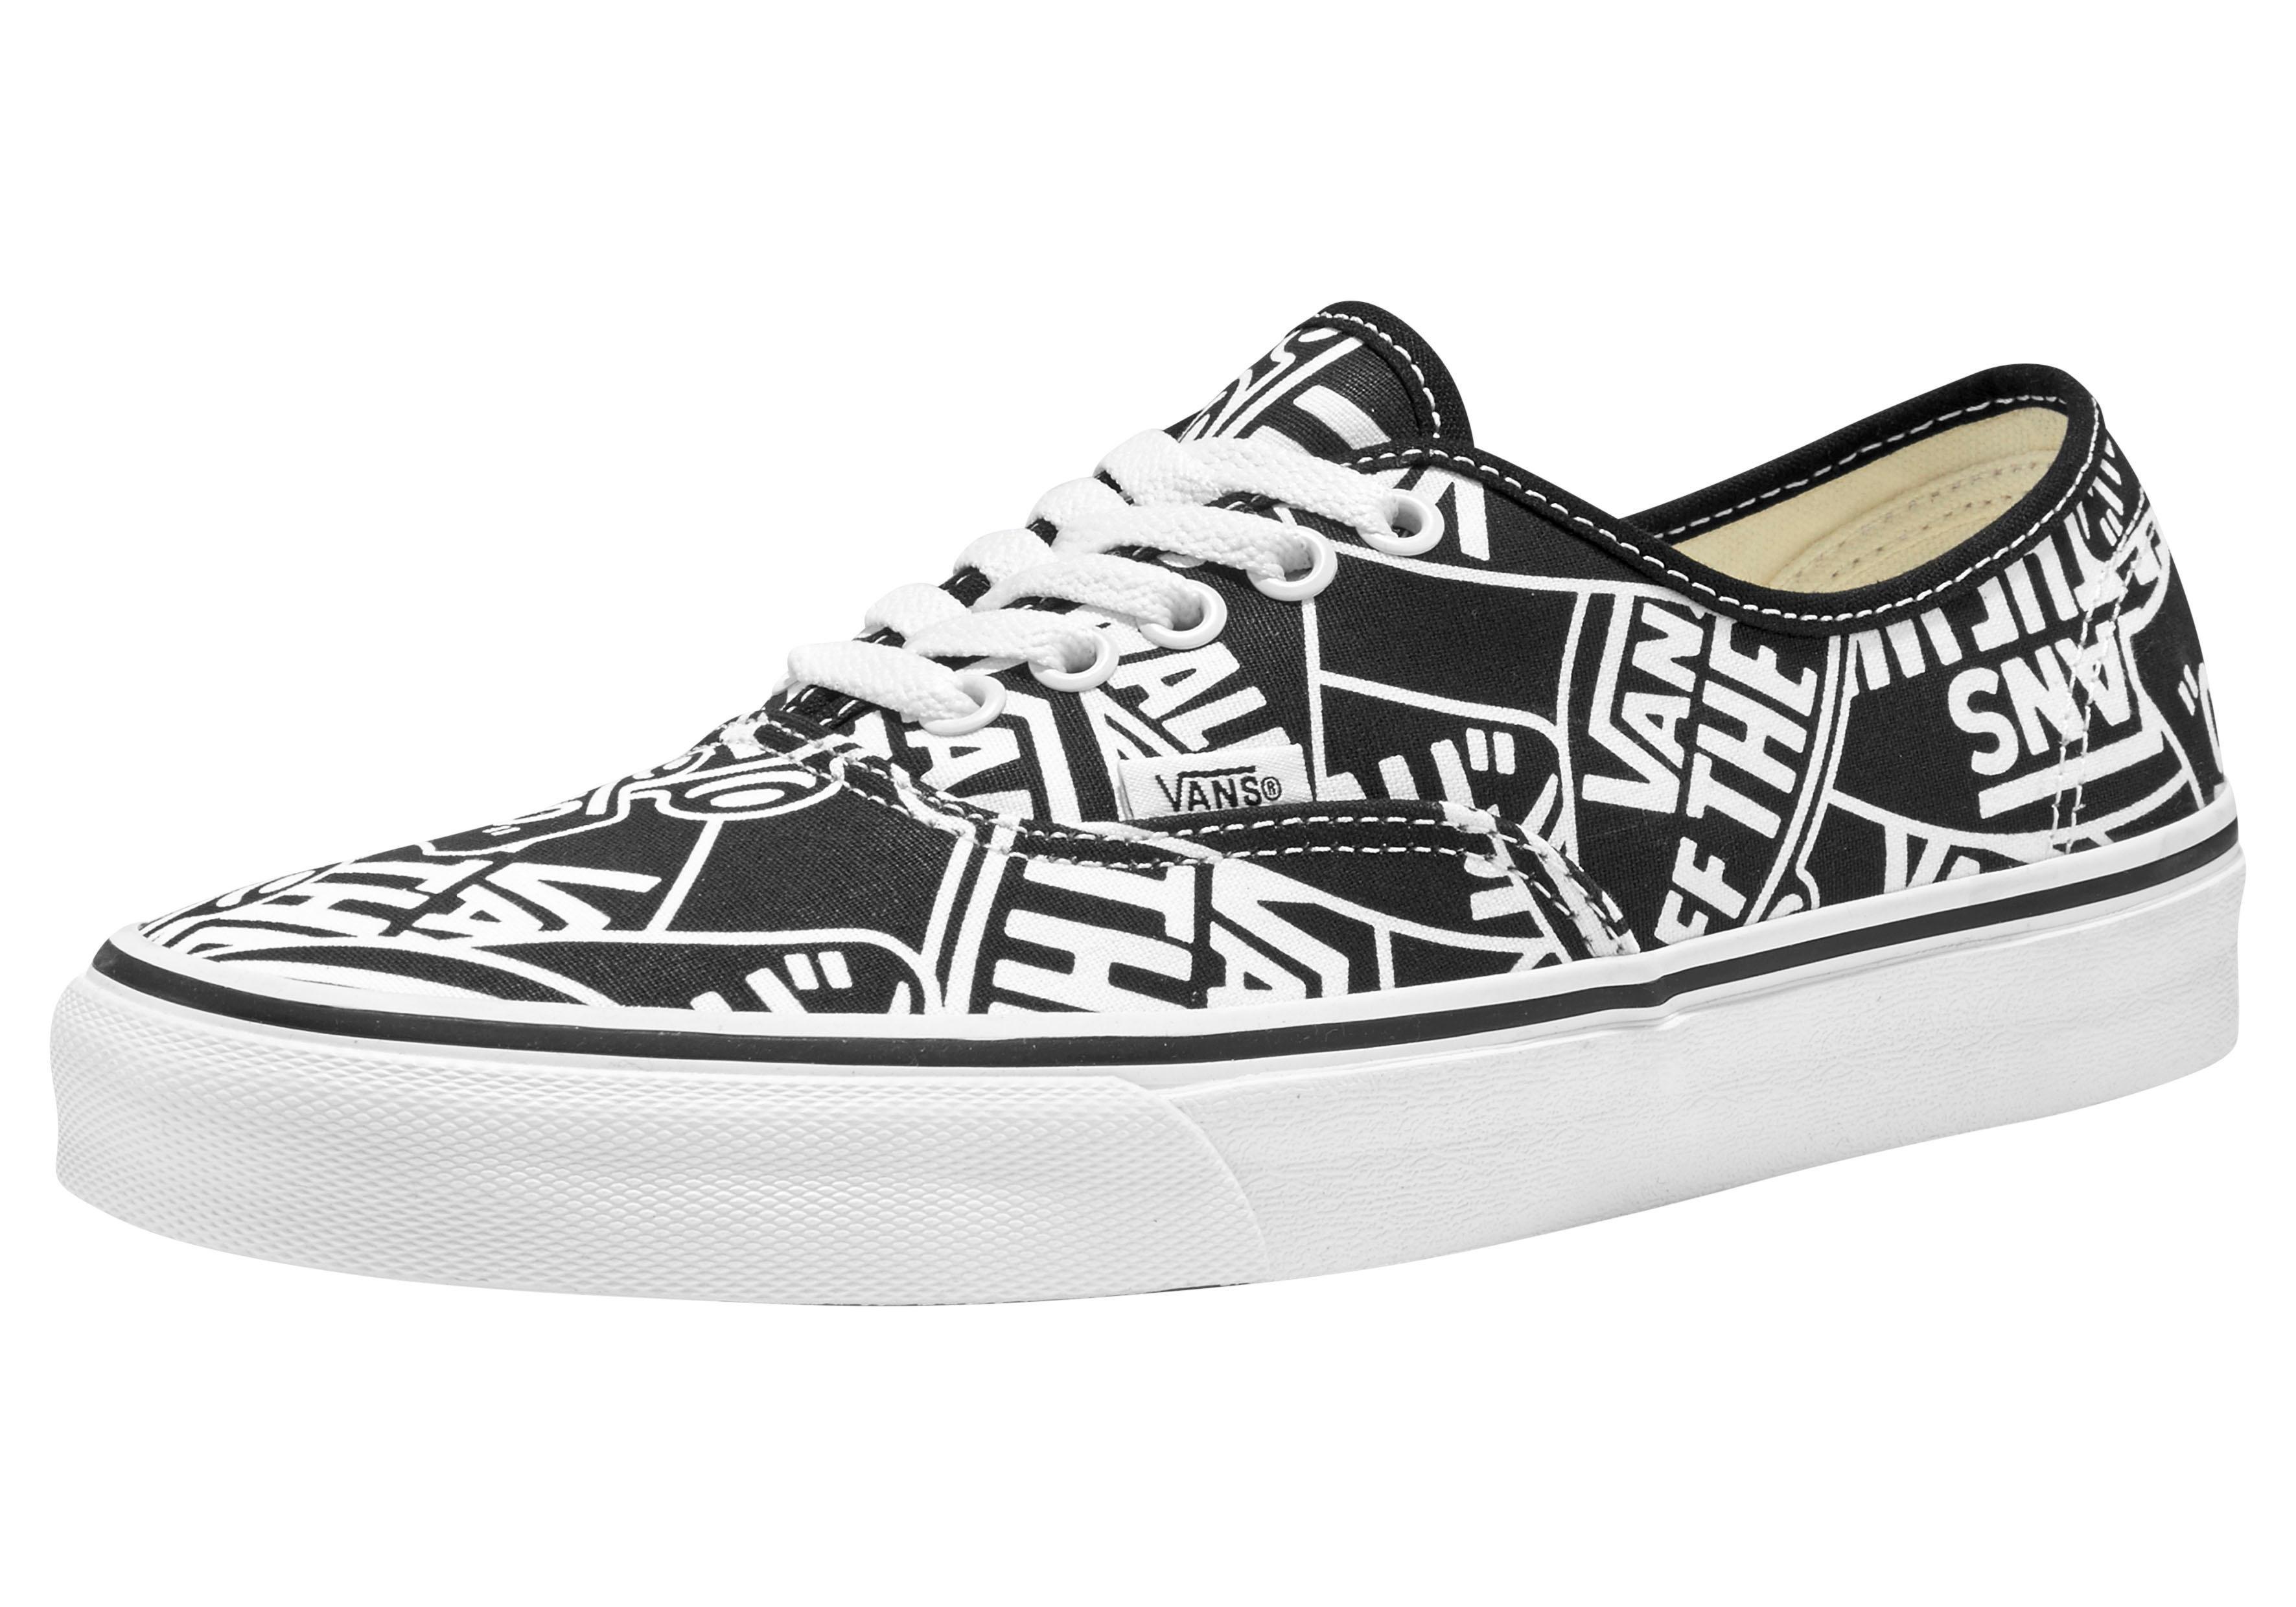 92effee59c4 Vans sneakers »Authentic OTW Repeat« in de online winkel | OTTO